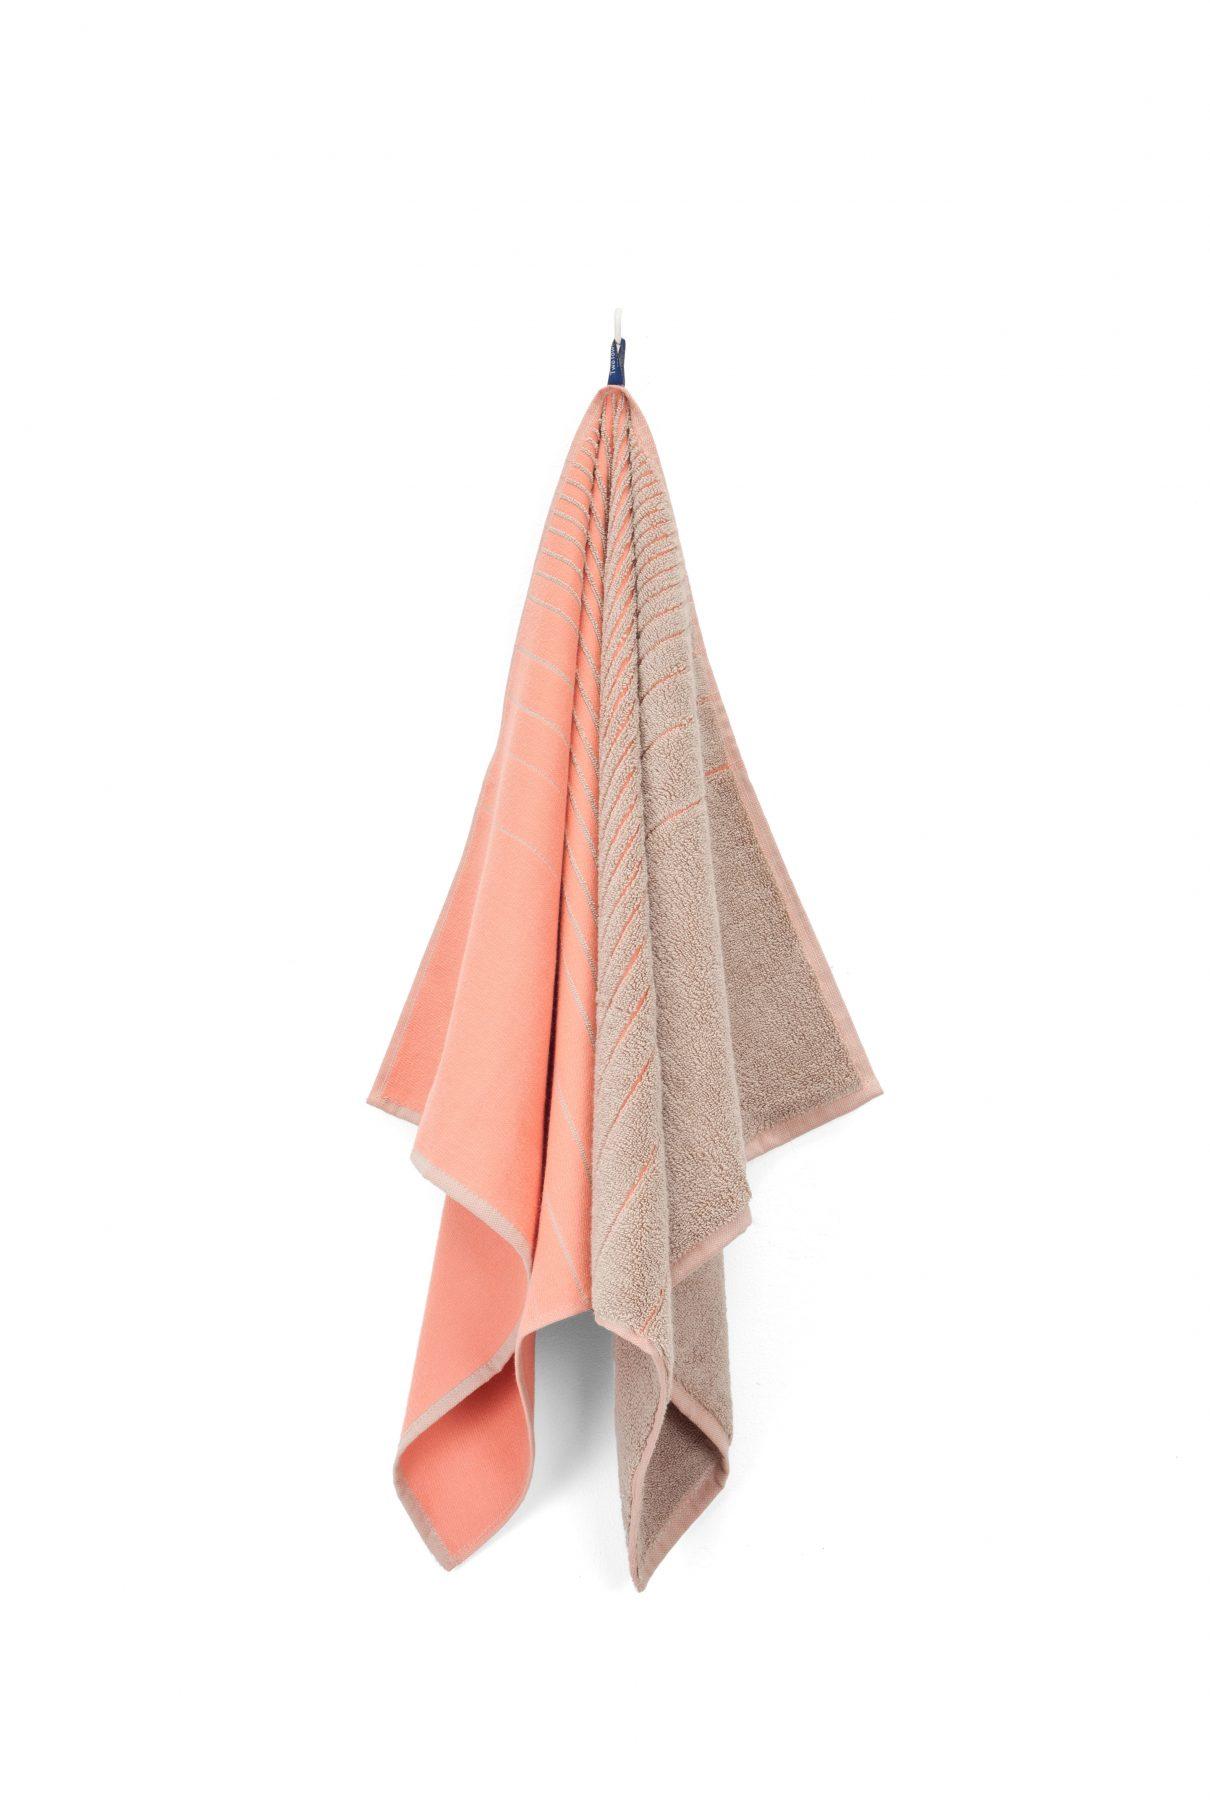 TweeDoek, handdoek én theedoek ineen